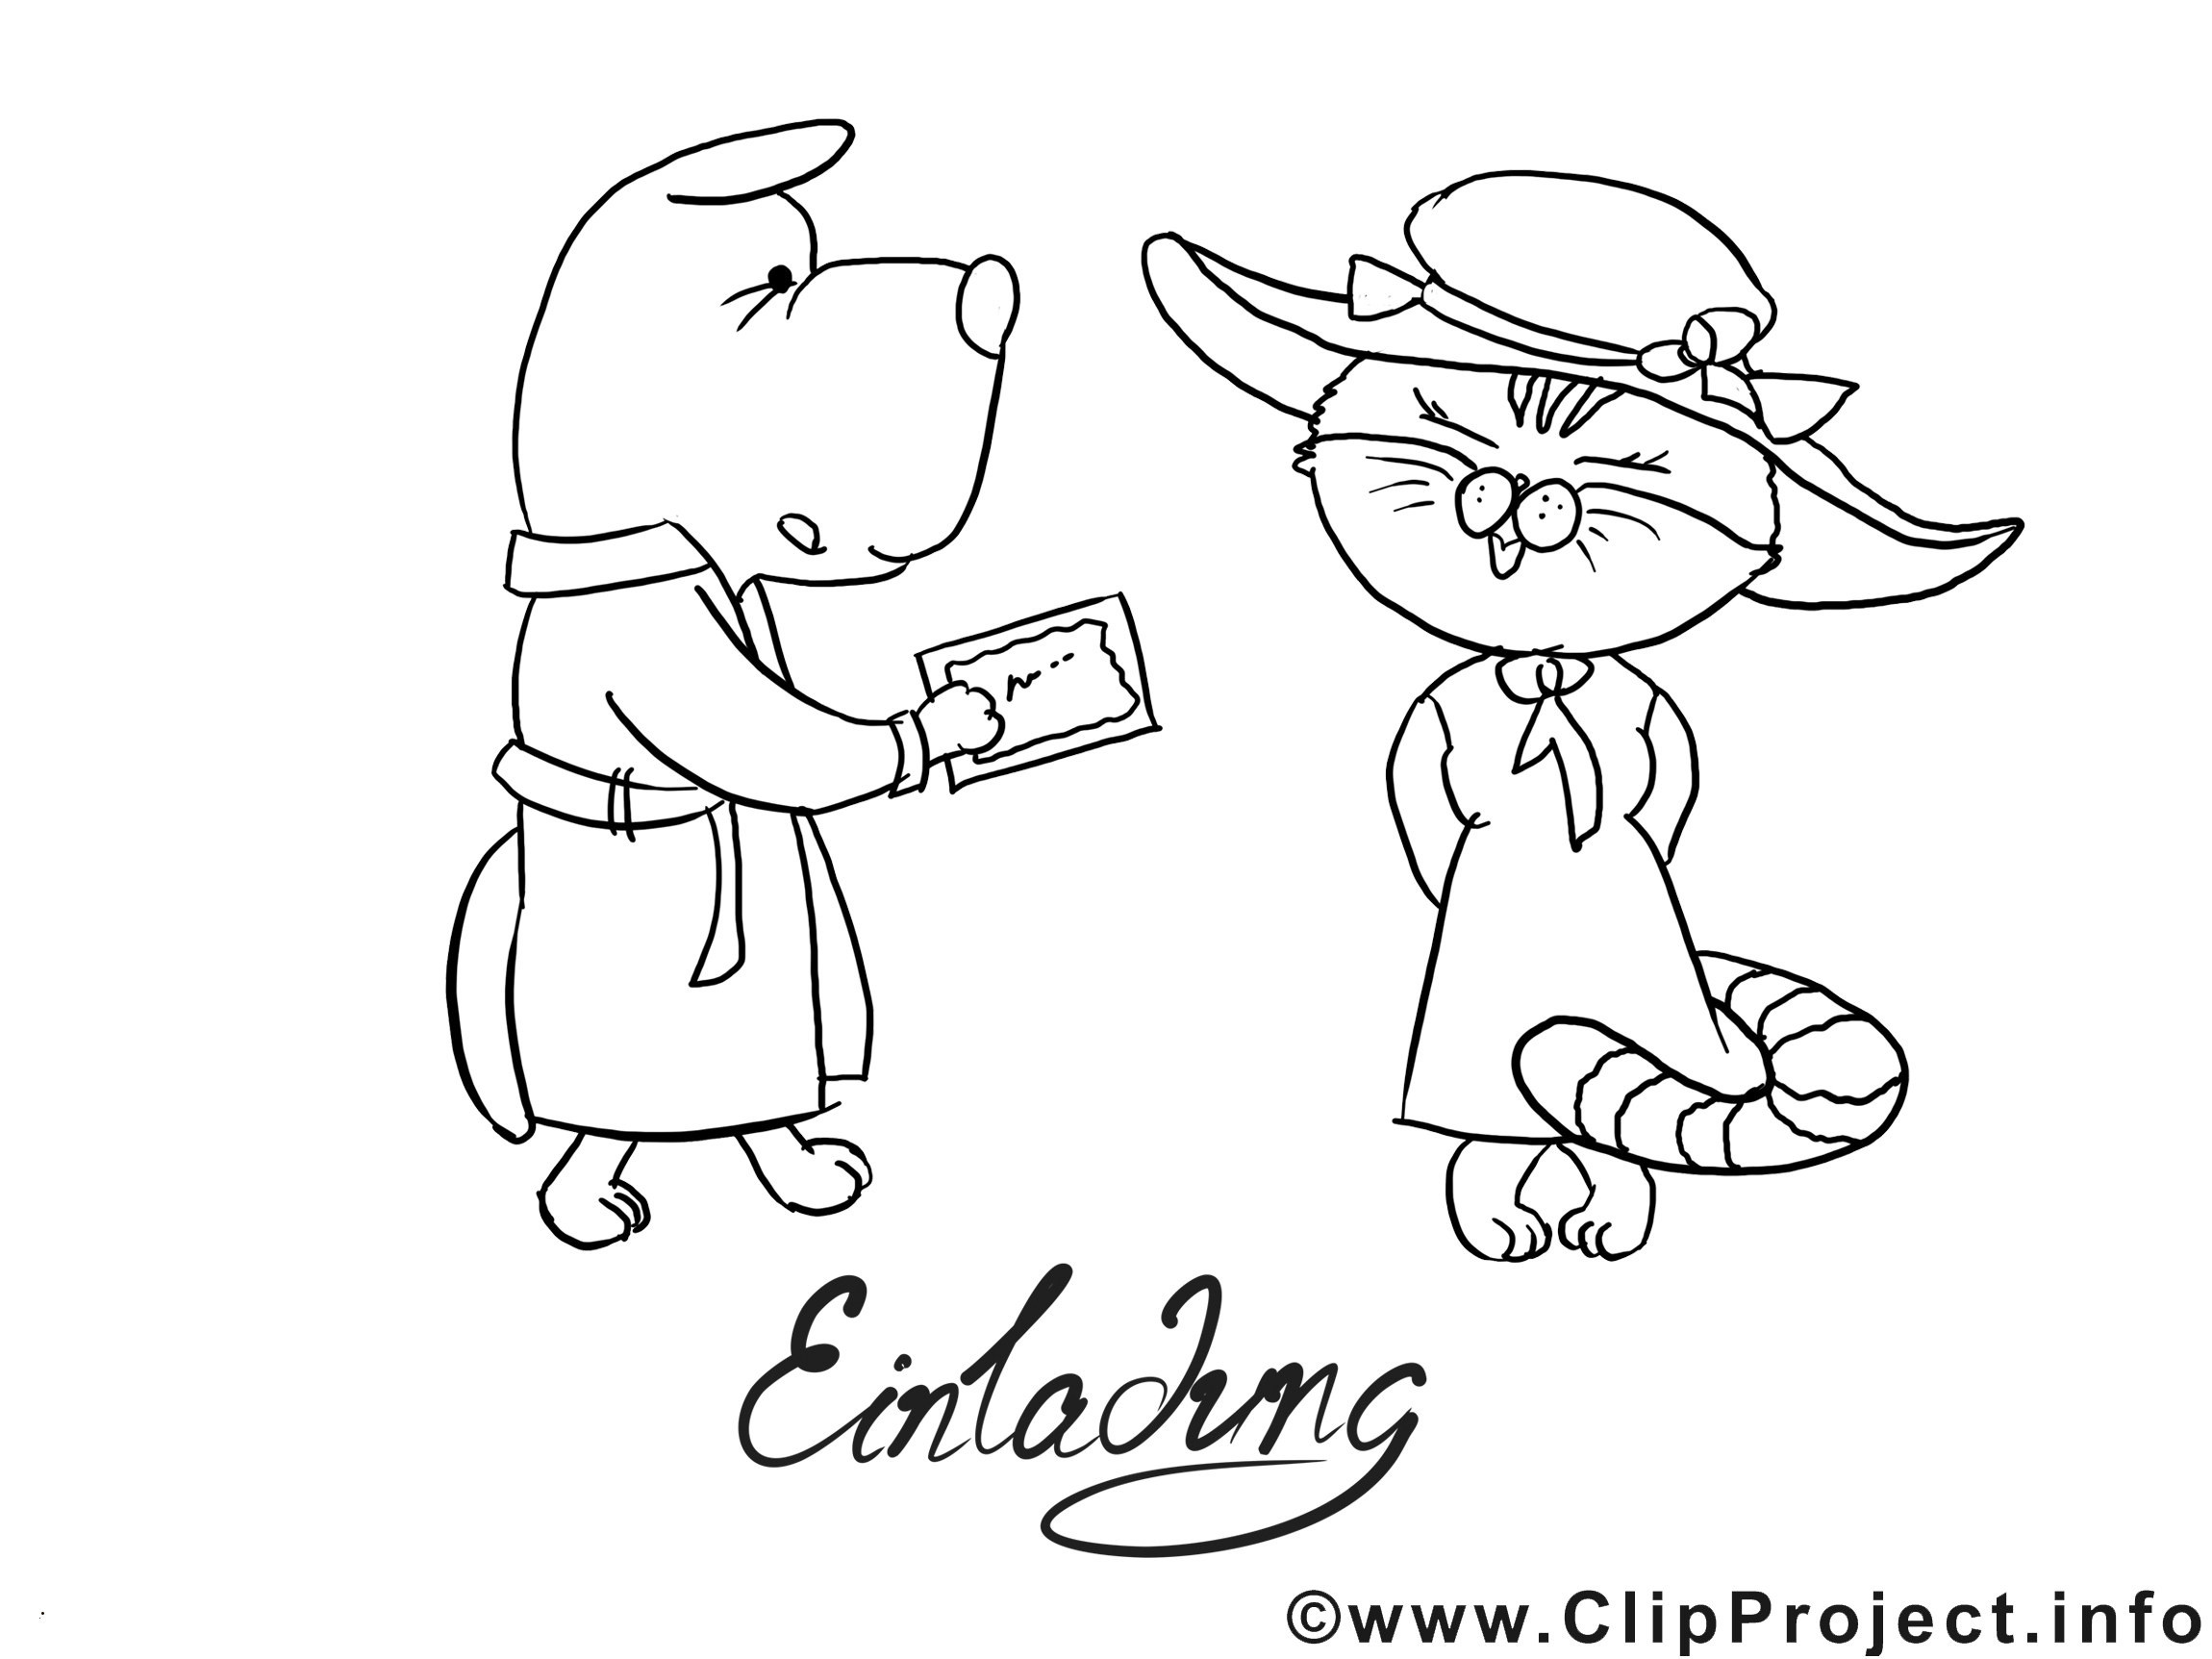 Ausmalbilder Hunde Und Katzen Das Beste Von Malvorlagen Igel Frisch Igel Grundschule 0d Archives Uploadertalk Das Bild